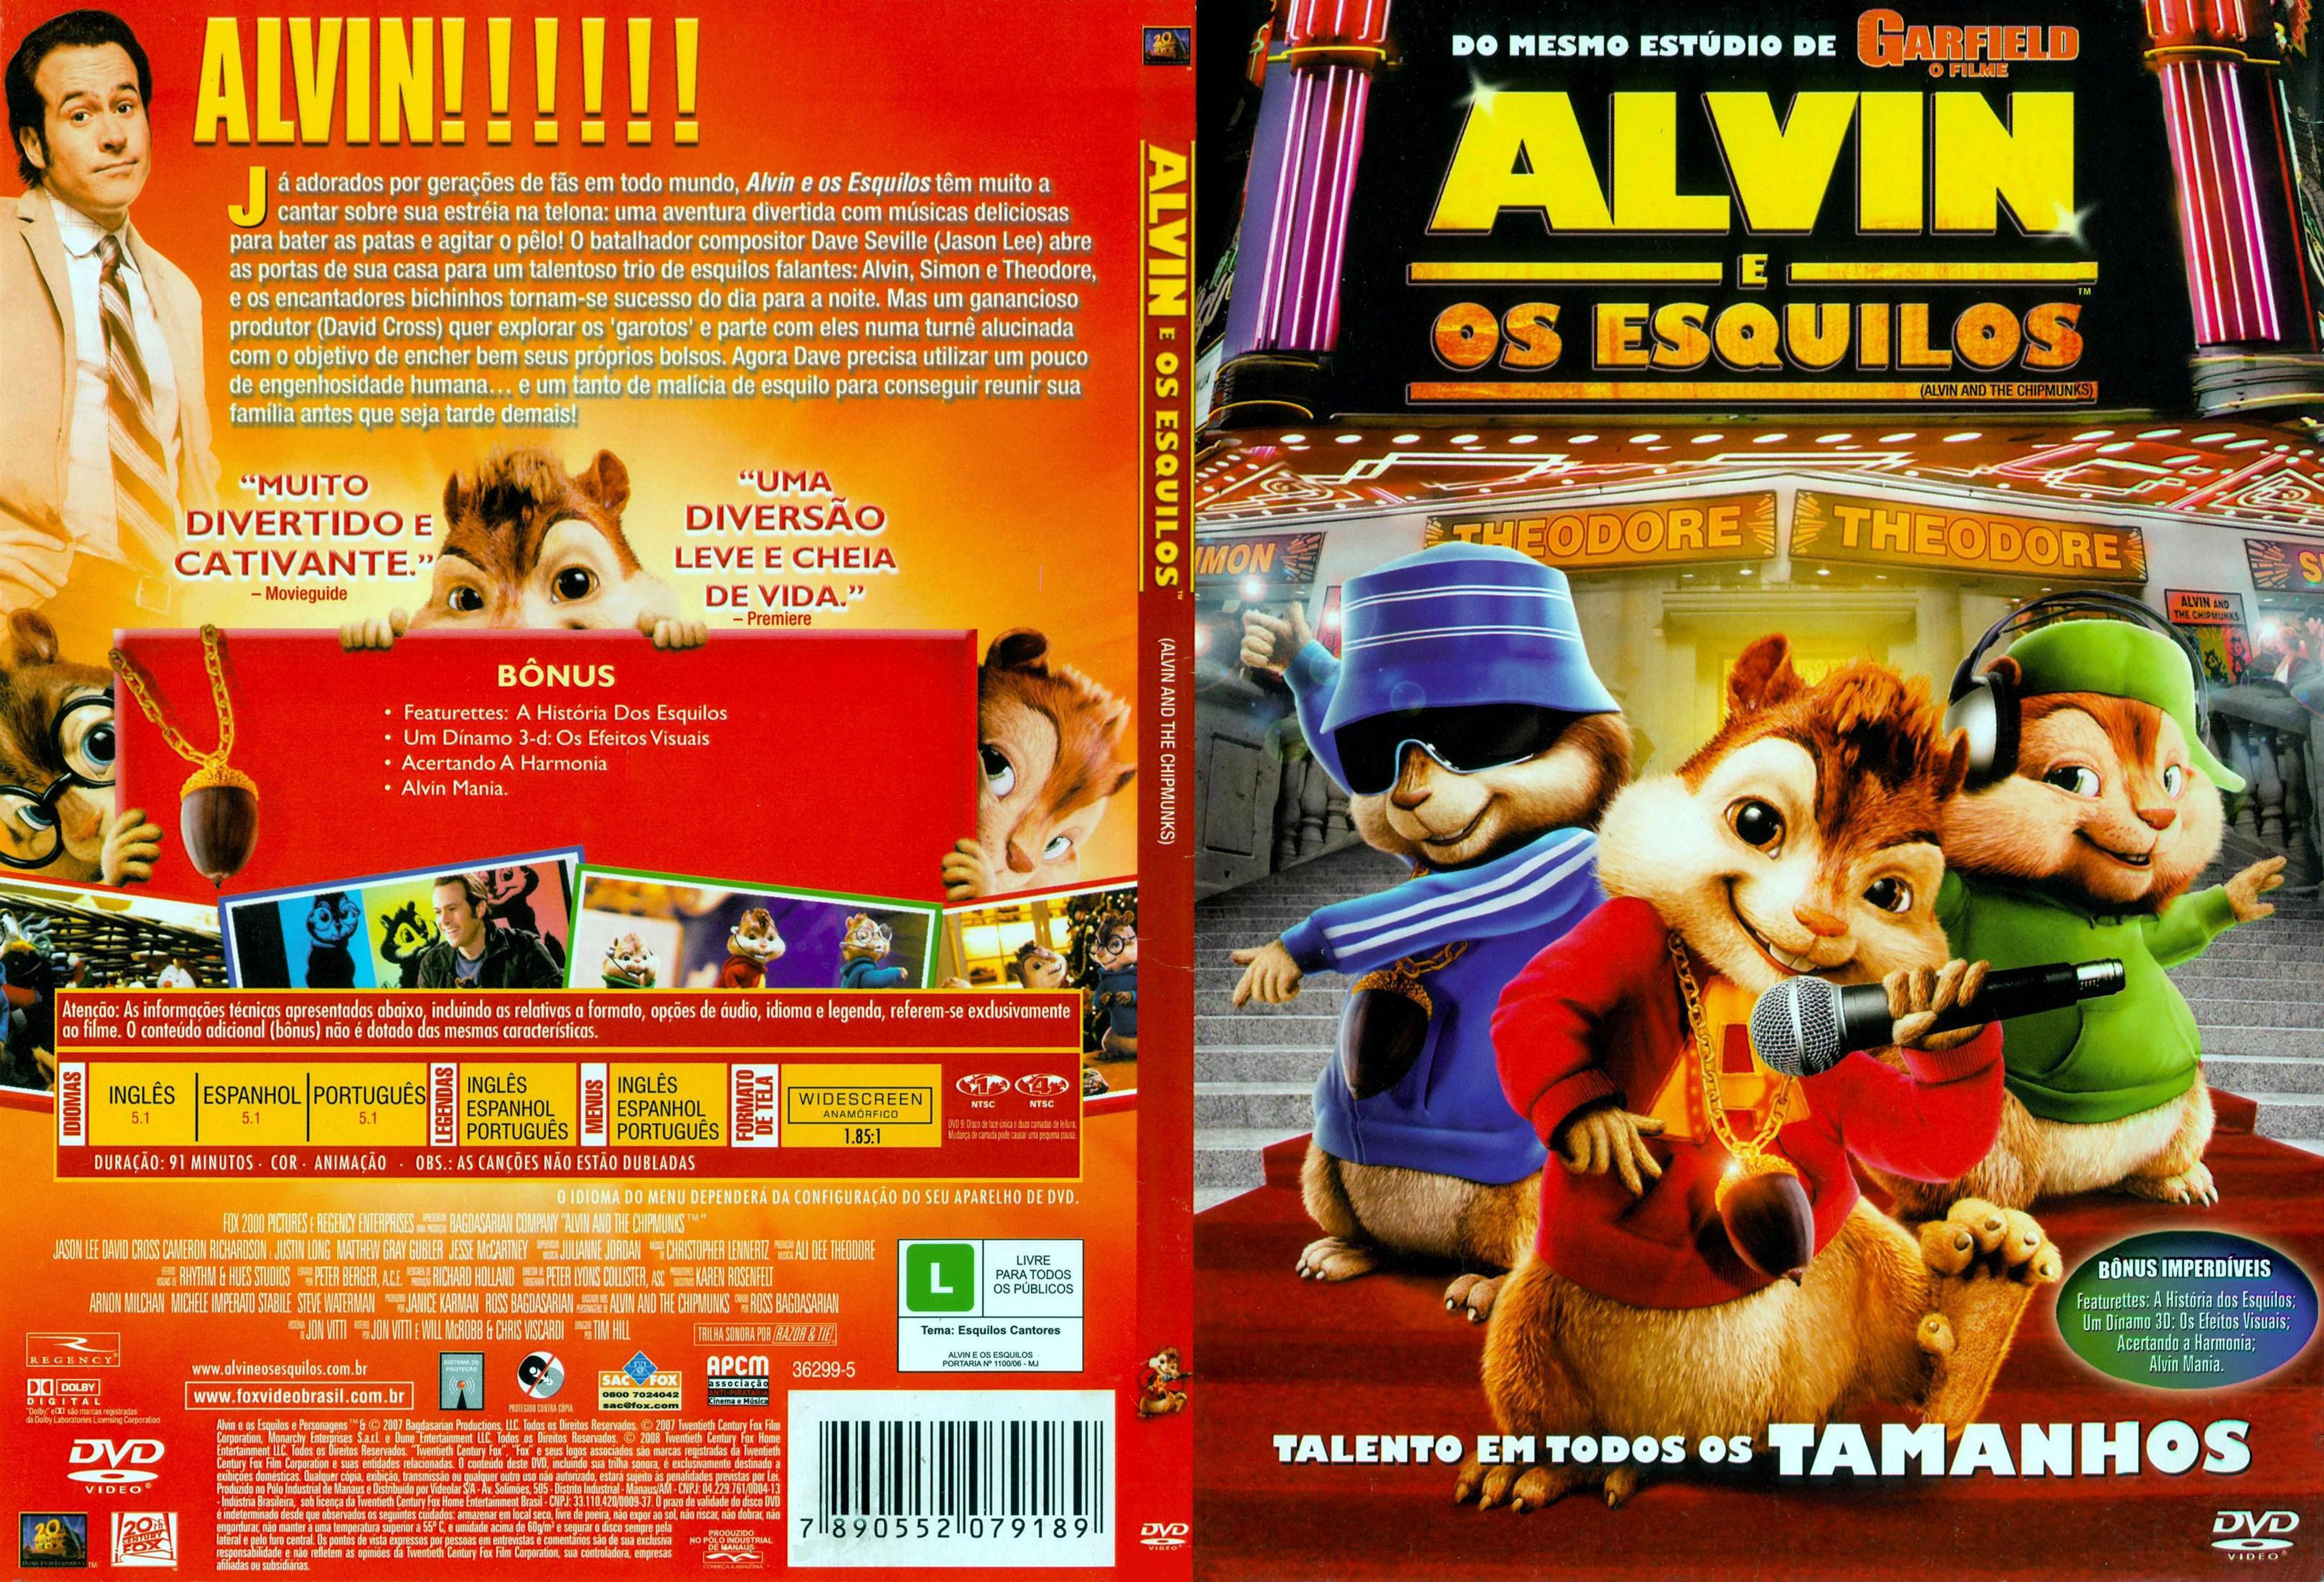 AlvinEosEsquilos